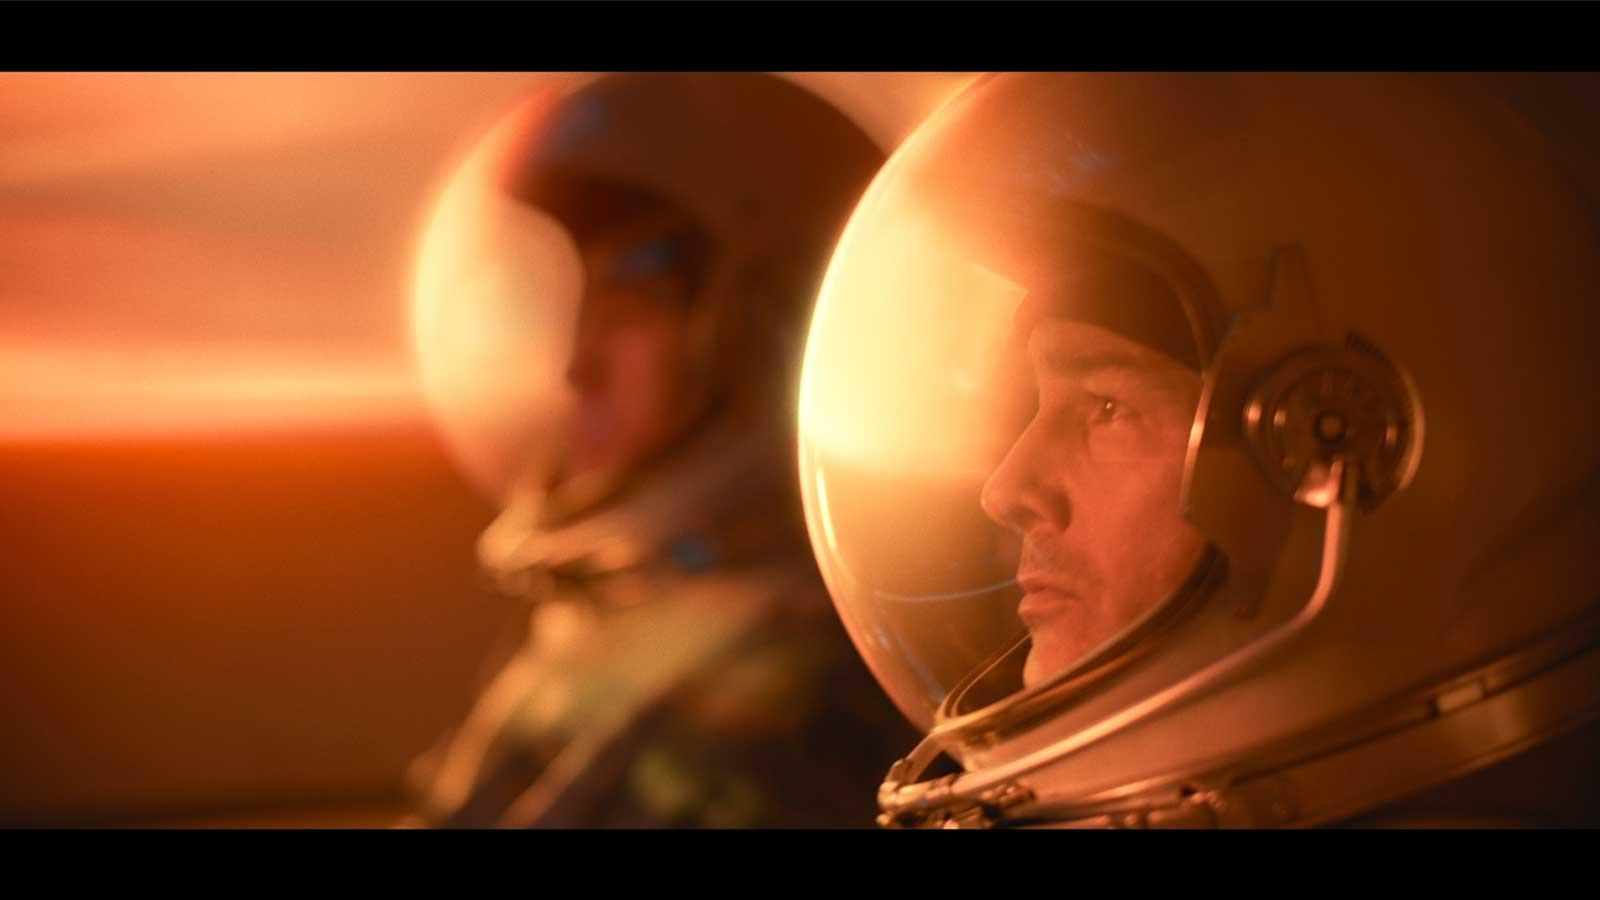 Mężczyzna oglądający film Niebo o północy na Netfliksie w pokoju kinowym. Widać slogan Be the hero